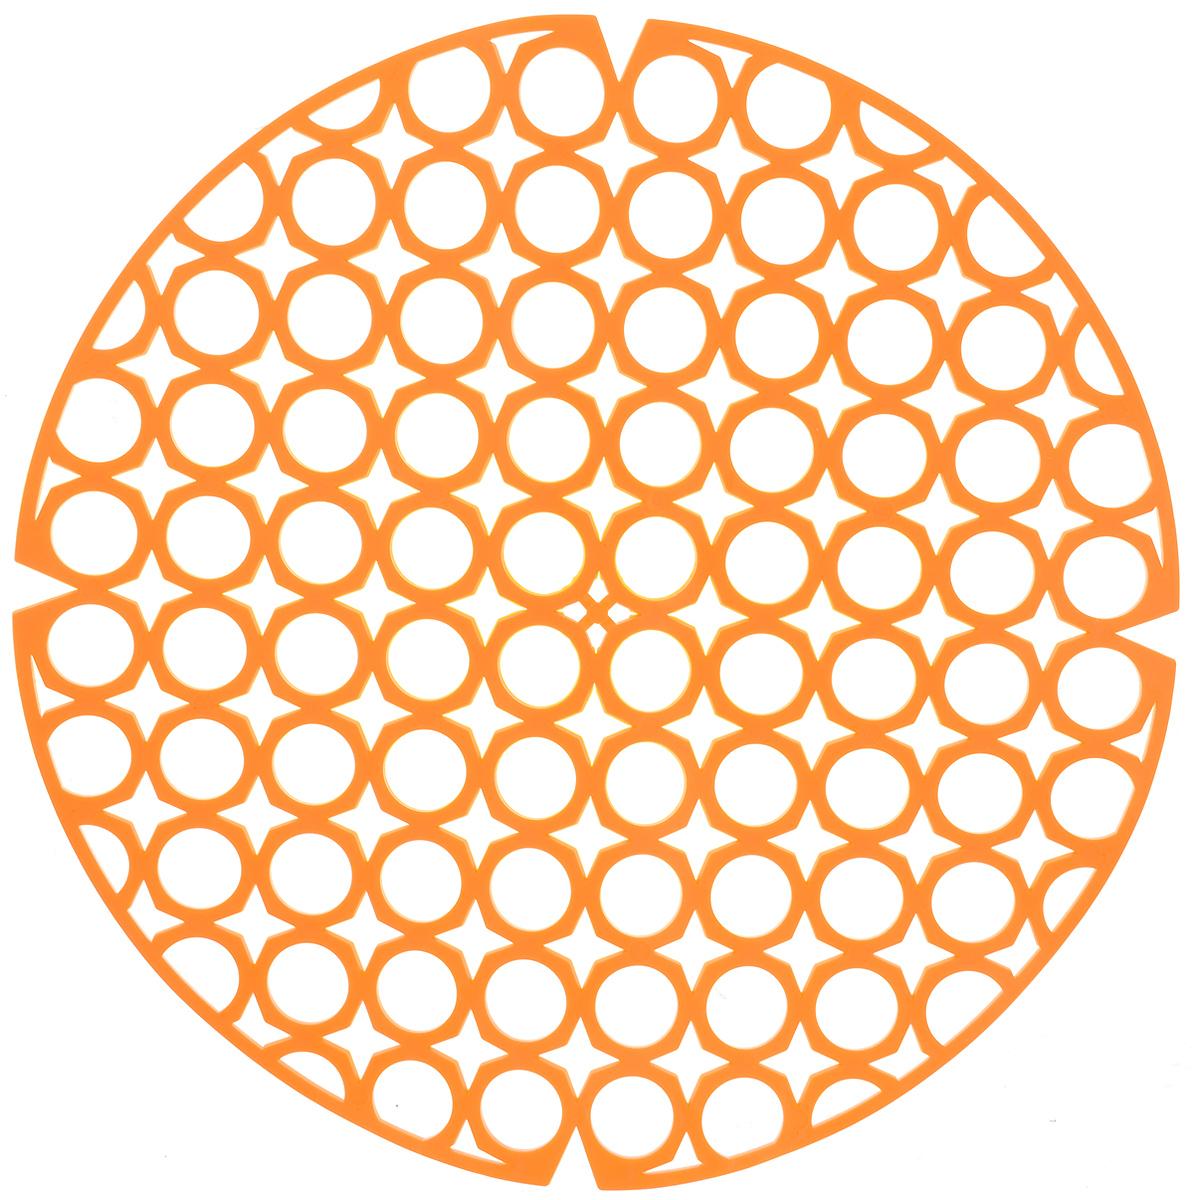 Коврик для раковины York, цвет: оранжевый, диаметр 27,5 см9560_оранжевыйСтильный и удобный коврик для раковины York изготовлен из сложных полимеров. Он одновременно выполняет несколько функций: украшает, защищает мойку от царапин и сколов, смягчает удары при падении посуды в мойку. Коврик также можно использовать для сушки посуды, фруктов и овощей. Он легко очищается от грязи и жира. Диаметр: 27,5 см.